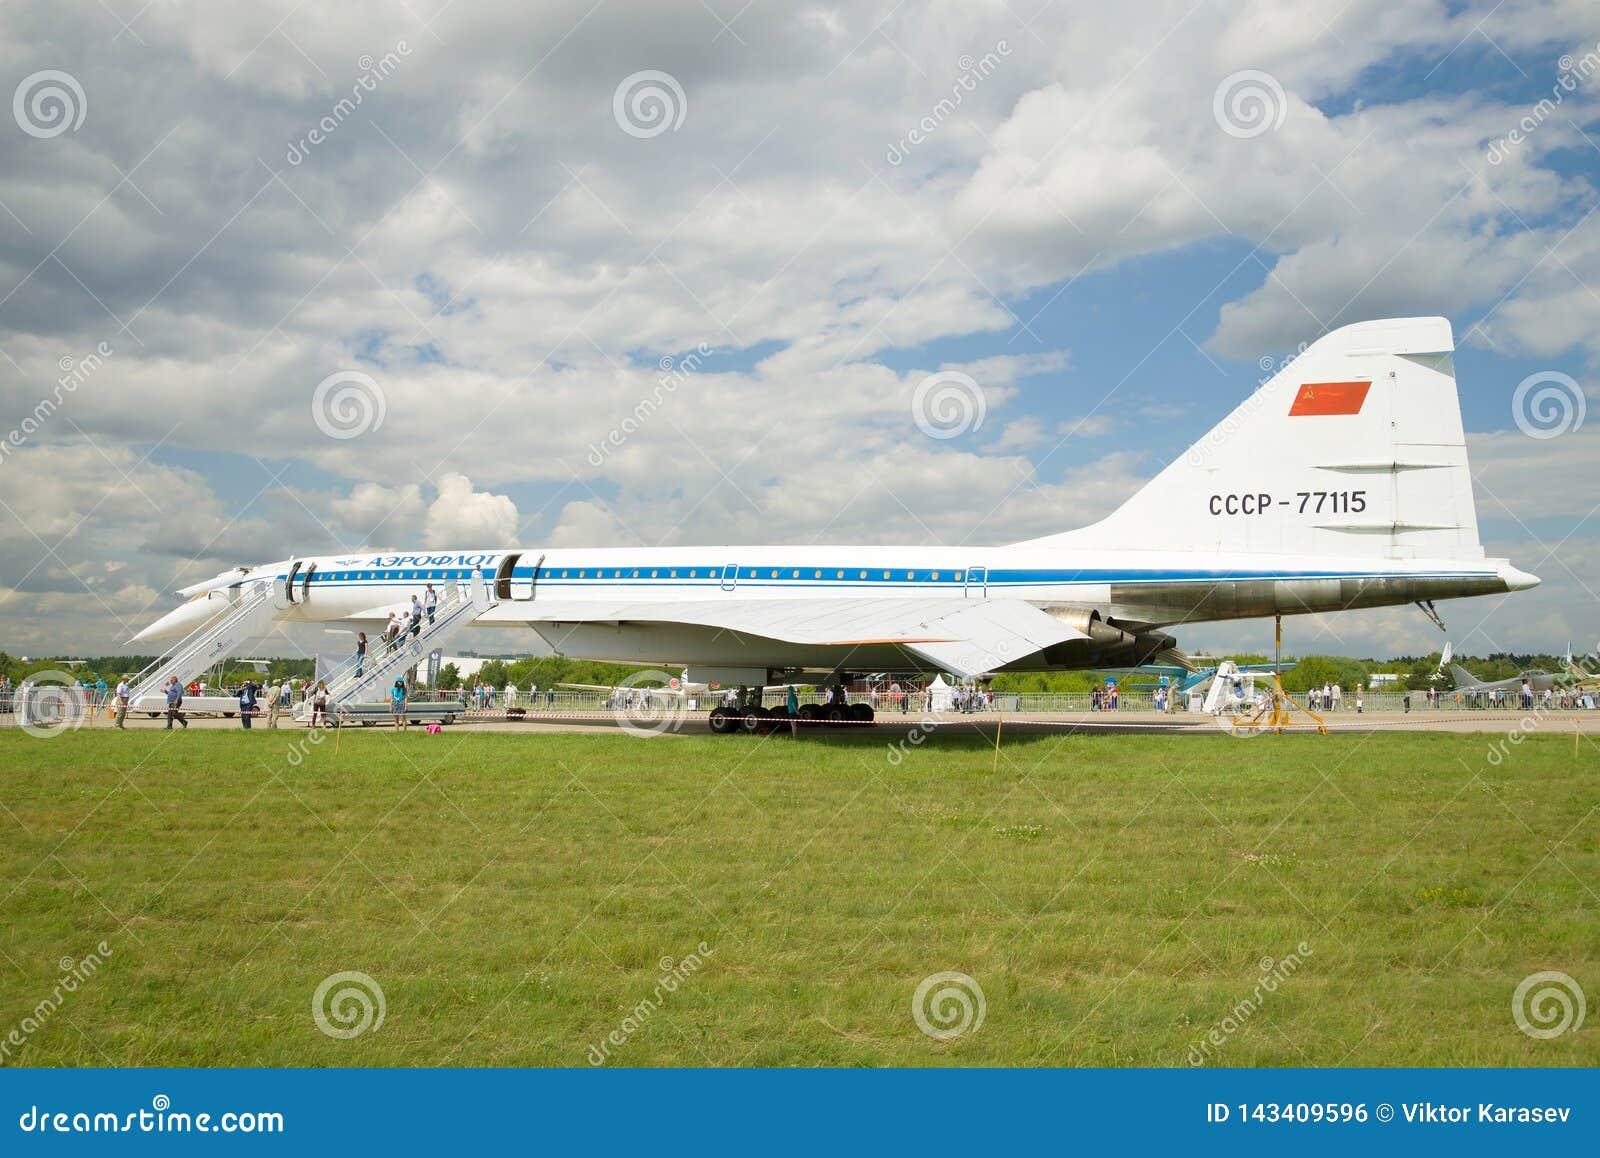 Radziecki naddźwiękowy samolot pasażerski Tu-144 USSR-77115